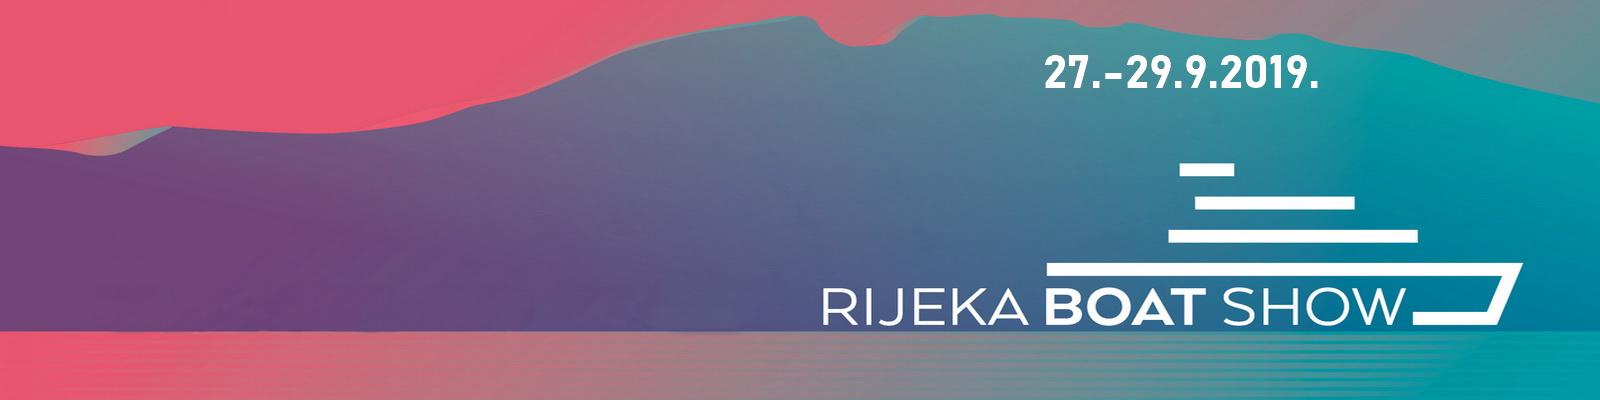 Rijeka Boat Show